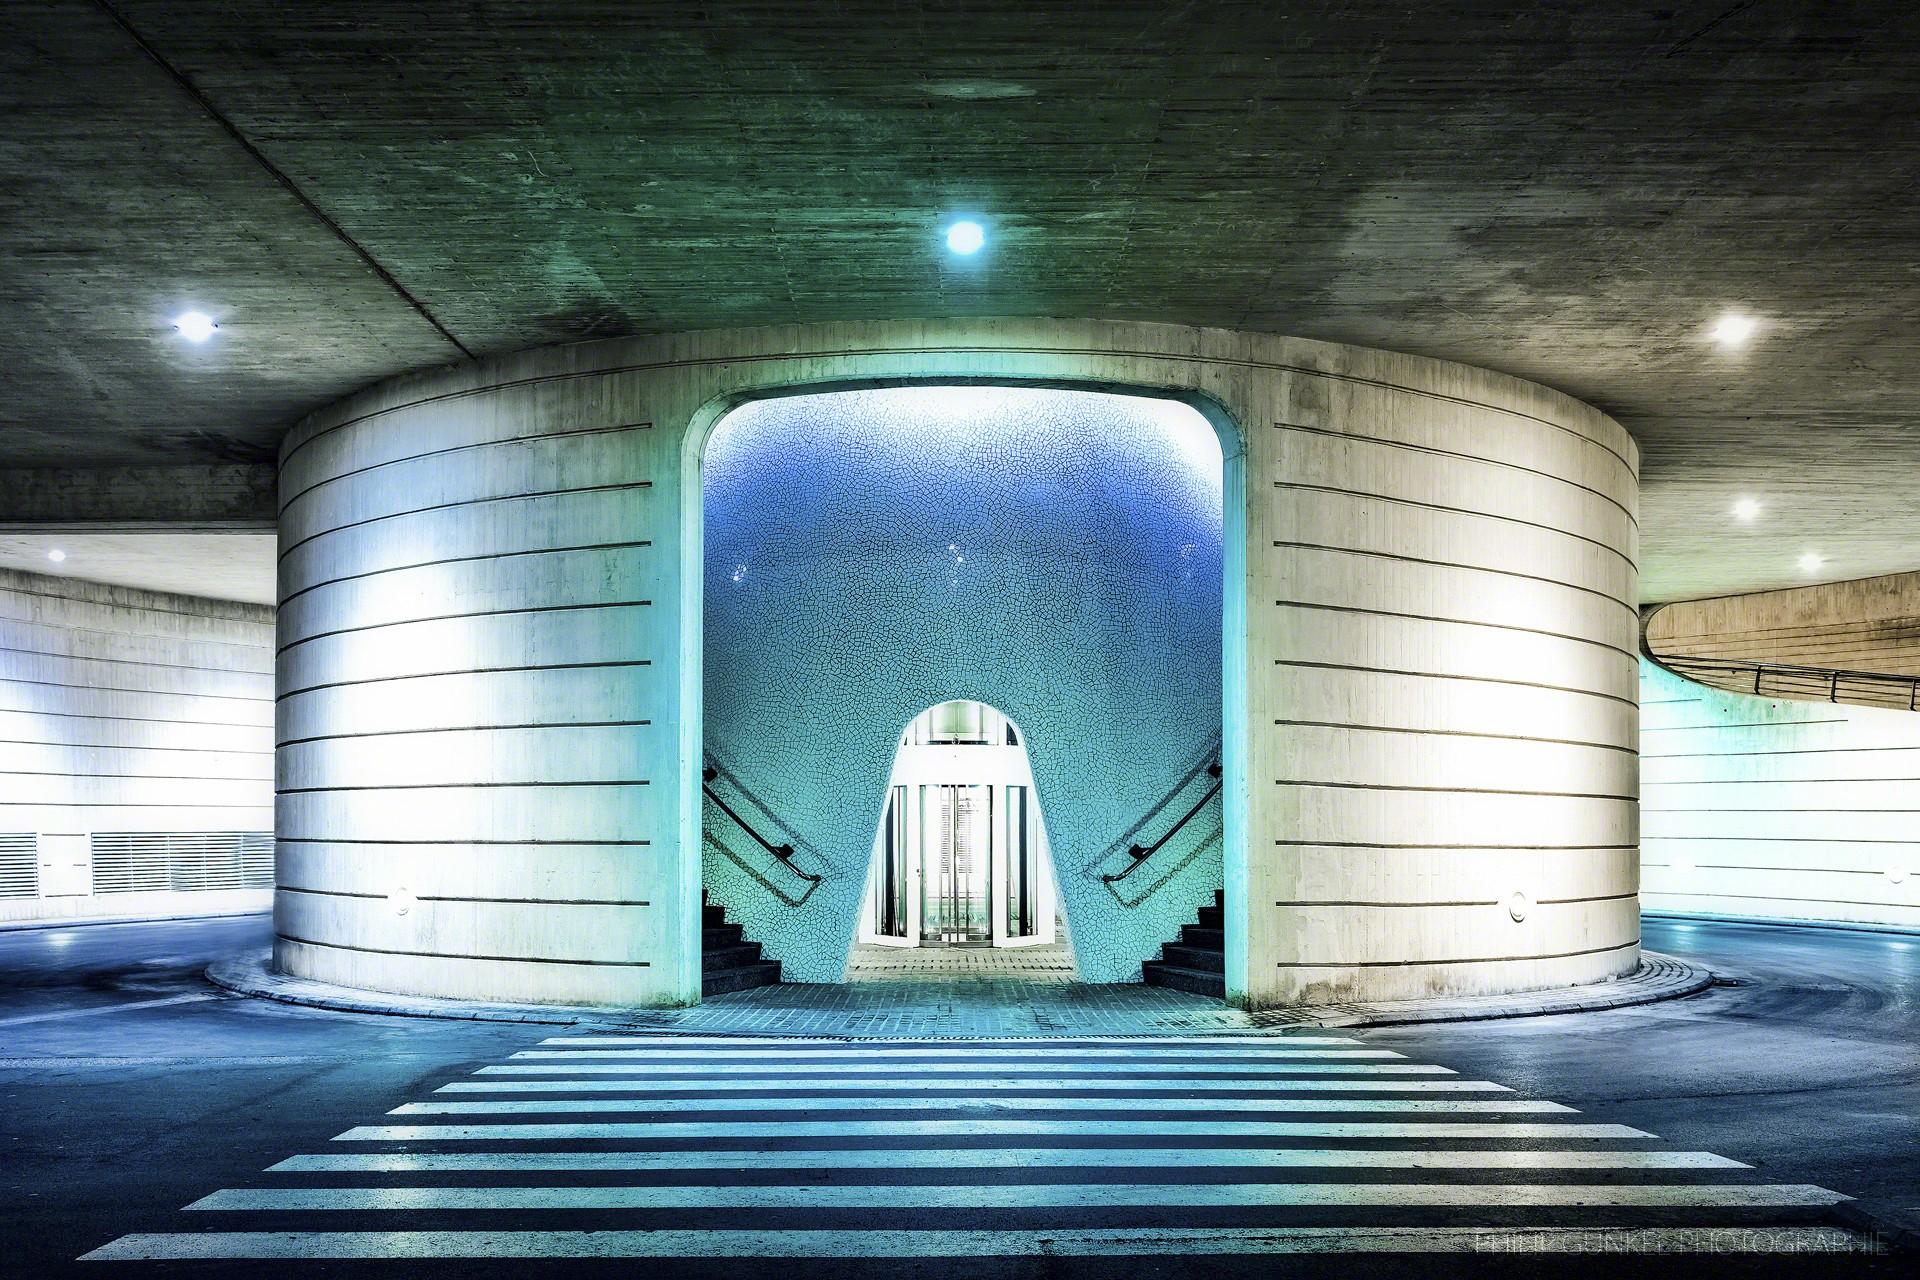 CAS_philip_gunkel_photographie_www.philipgunkel.de-15